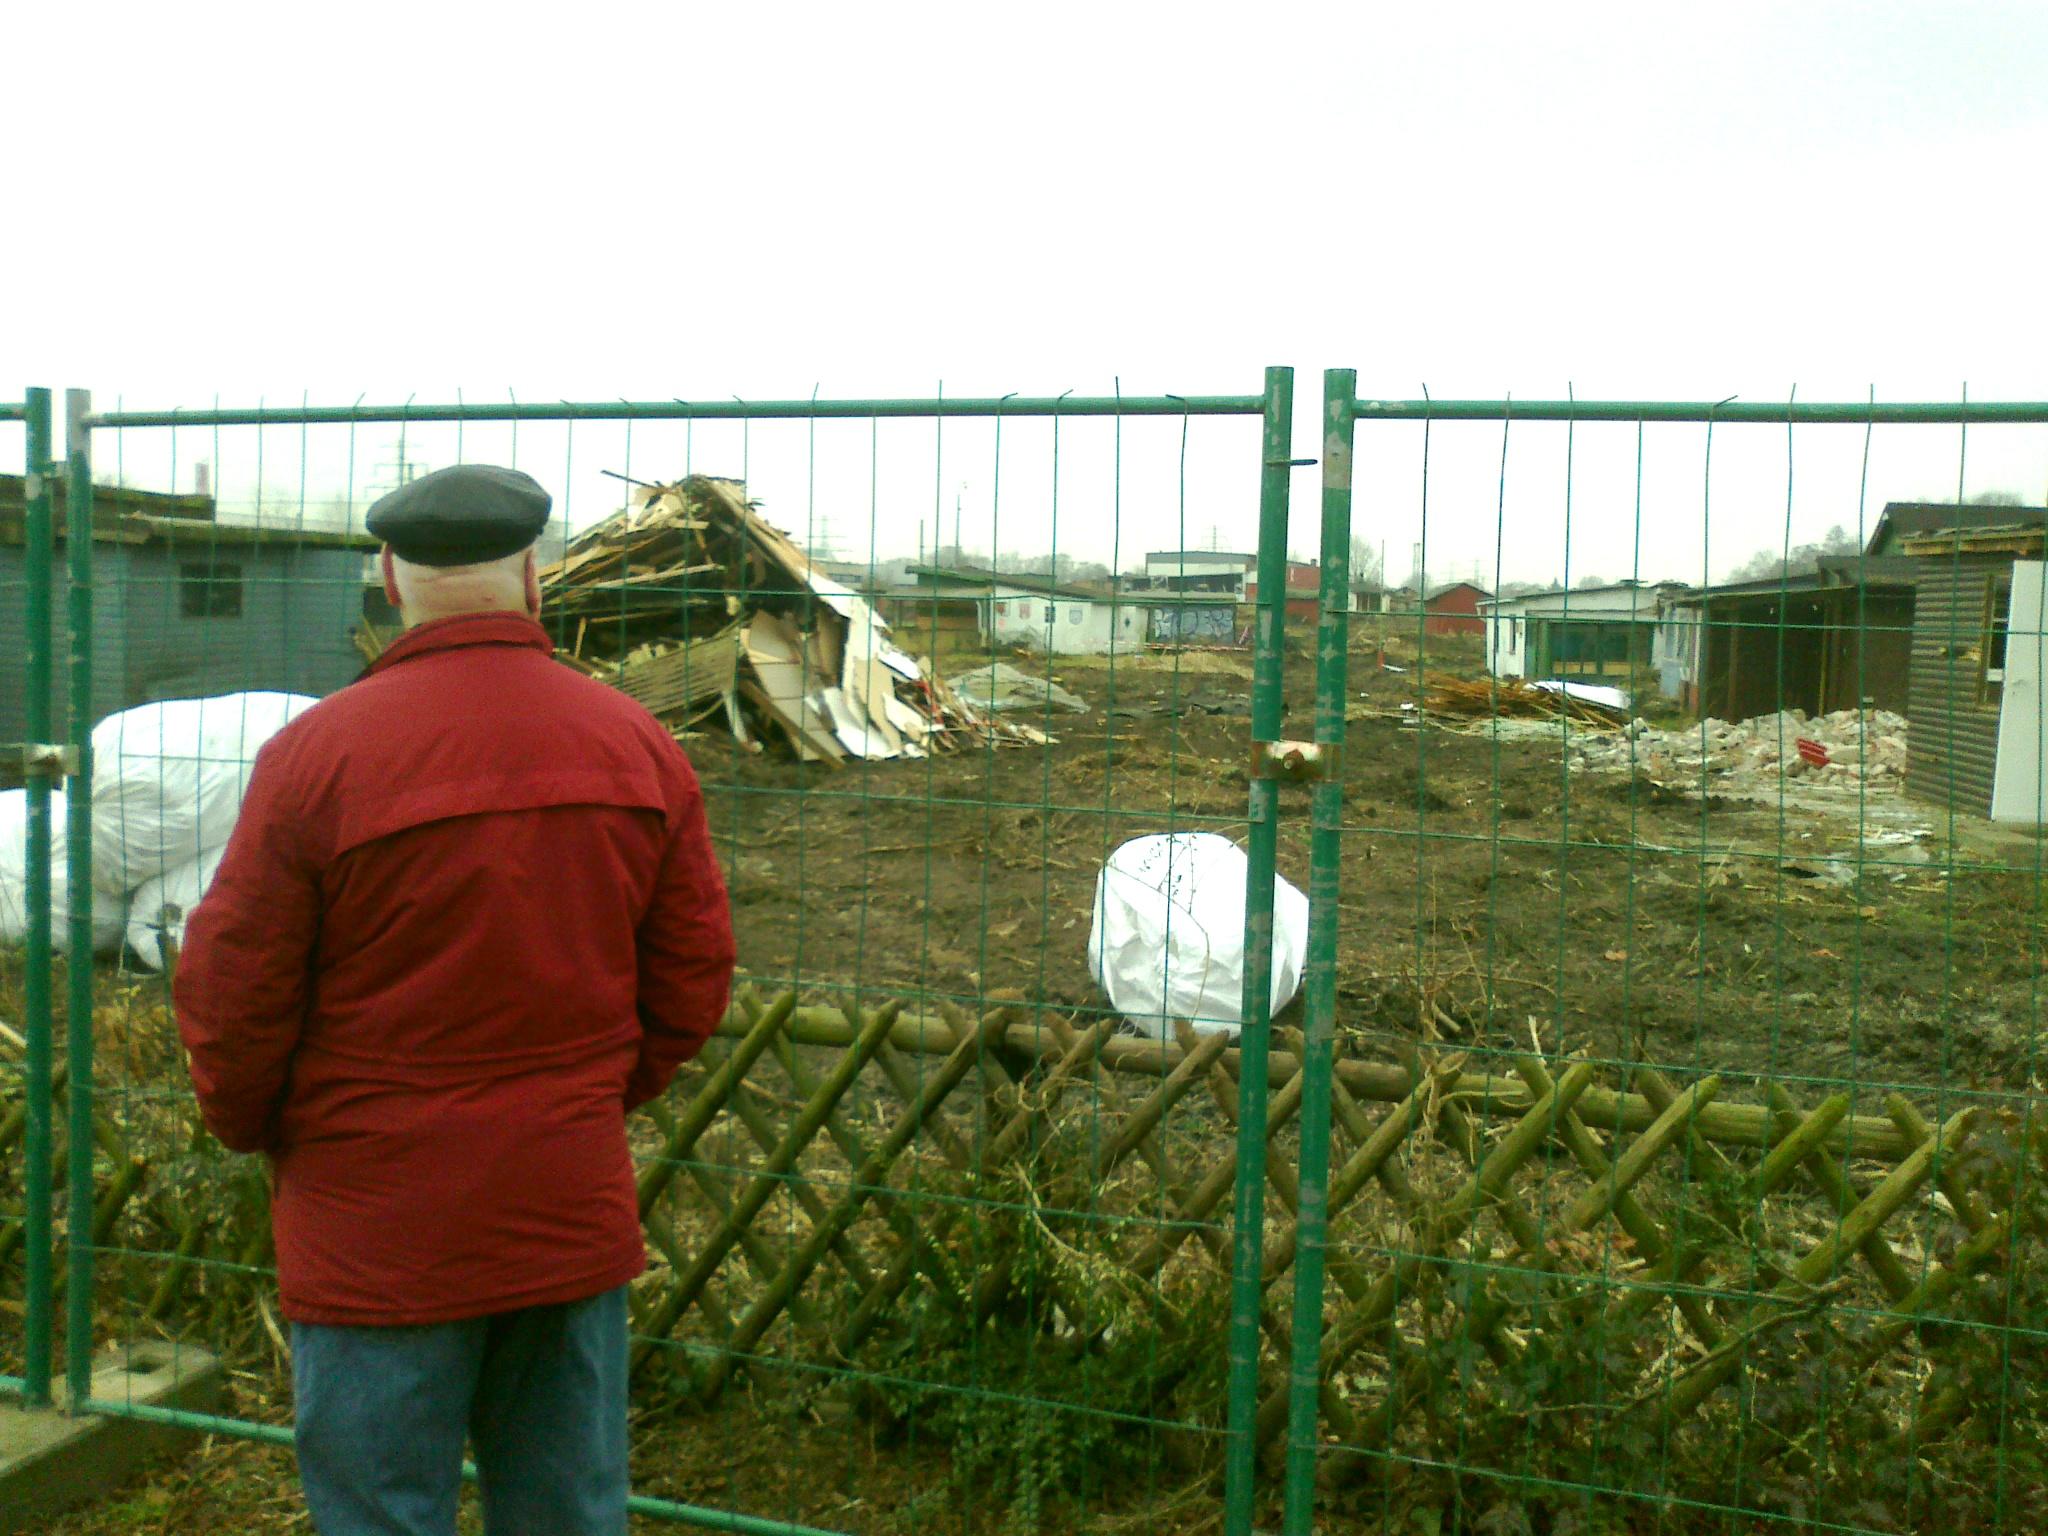 März 2016 Zerstörte Gärten an der Tarpenbek